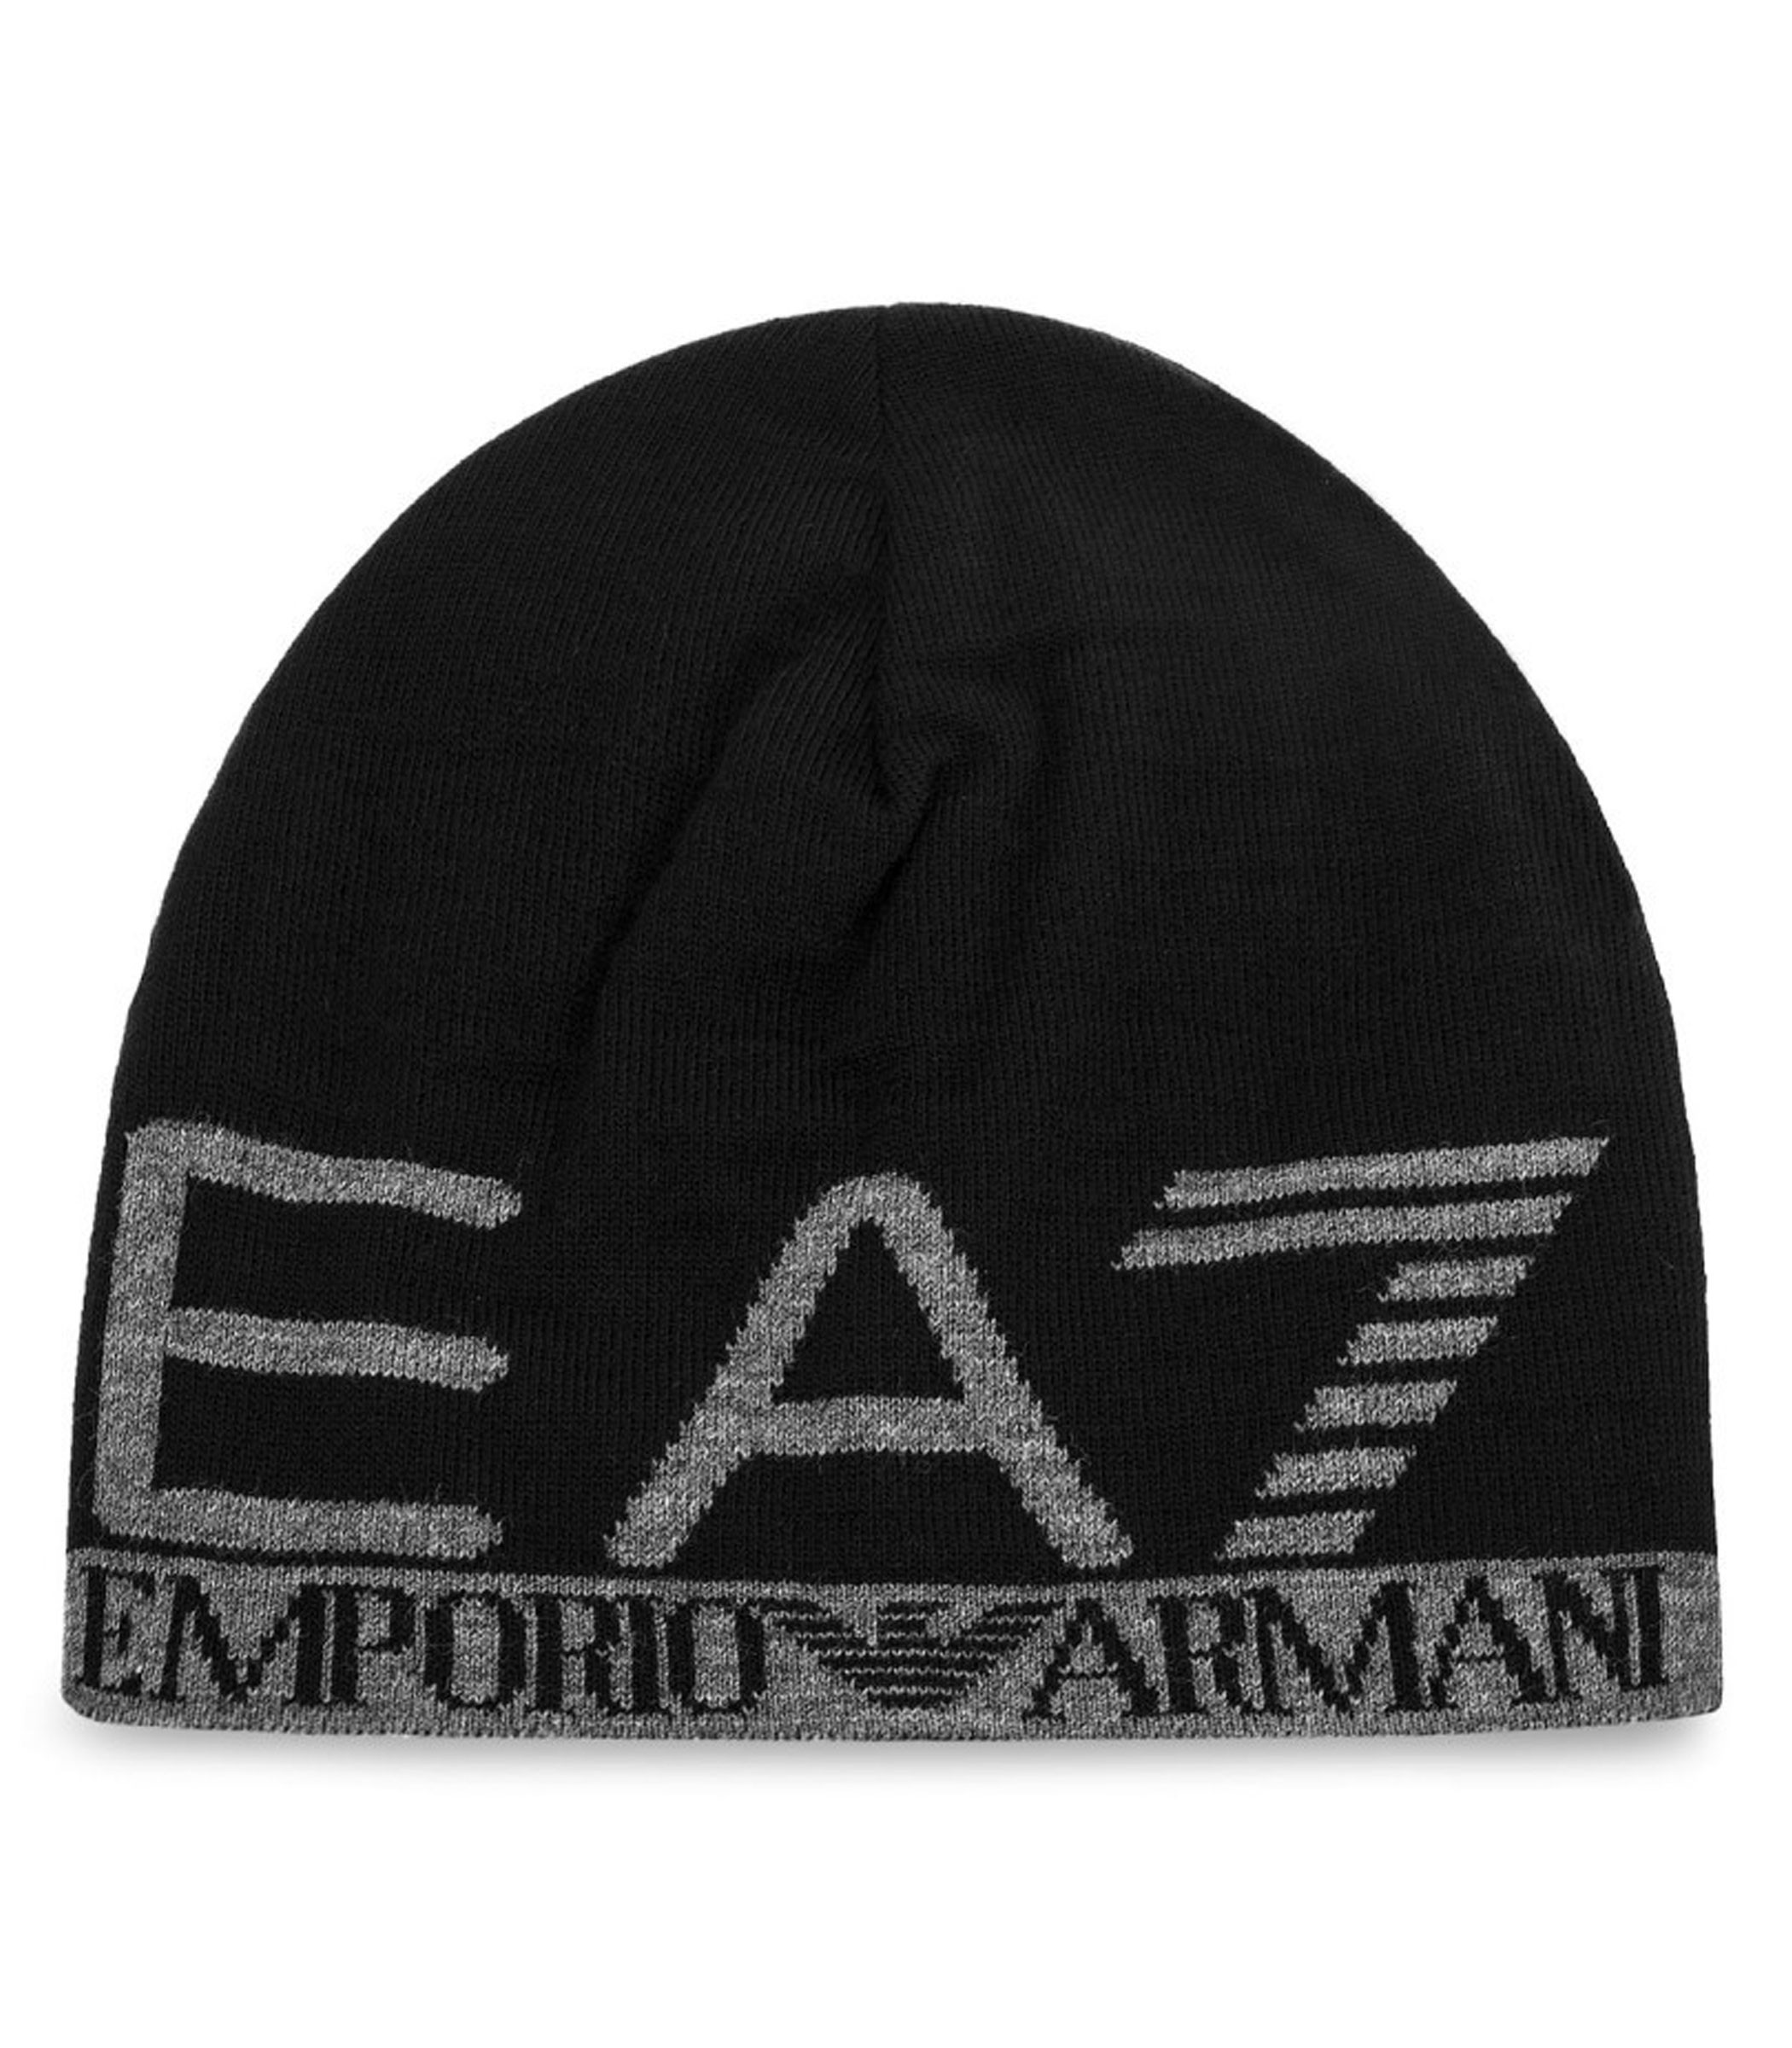 Berretto EA7 Emporio Armani da uomo rif. 275560 8A301 f4559ad0418b